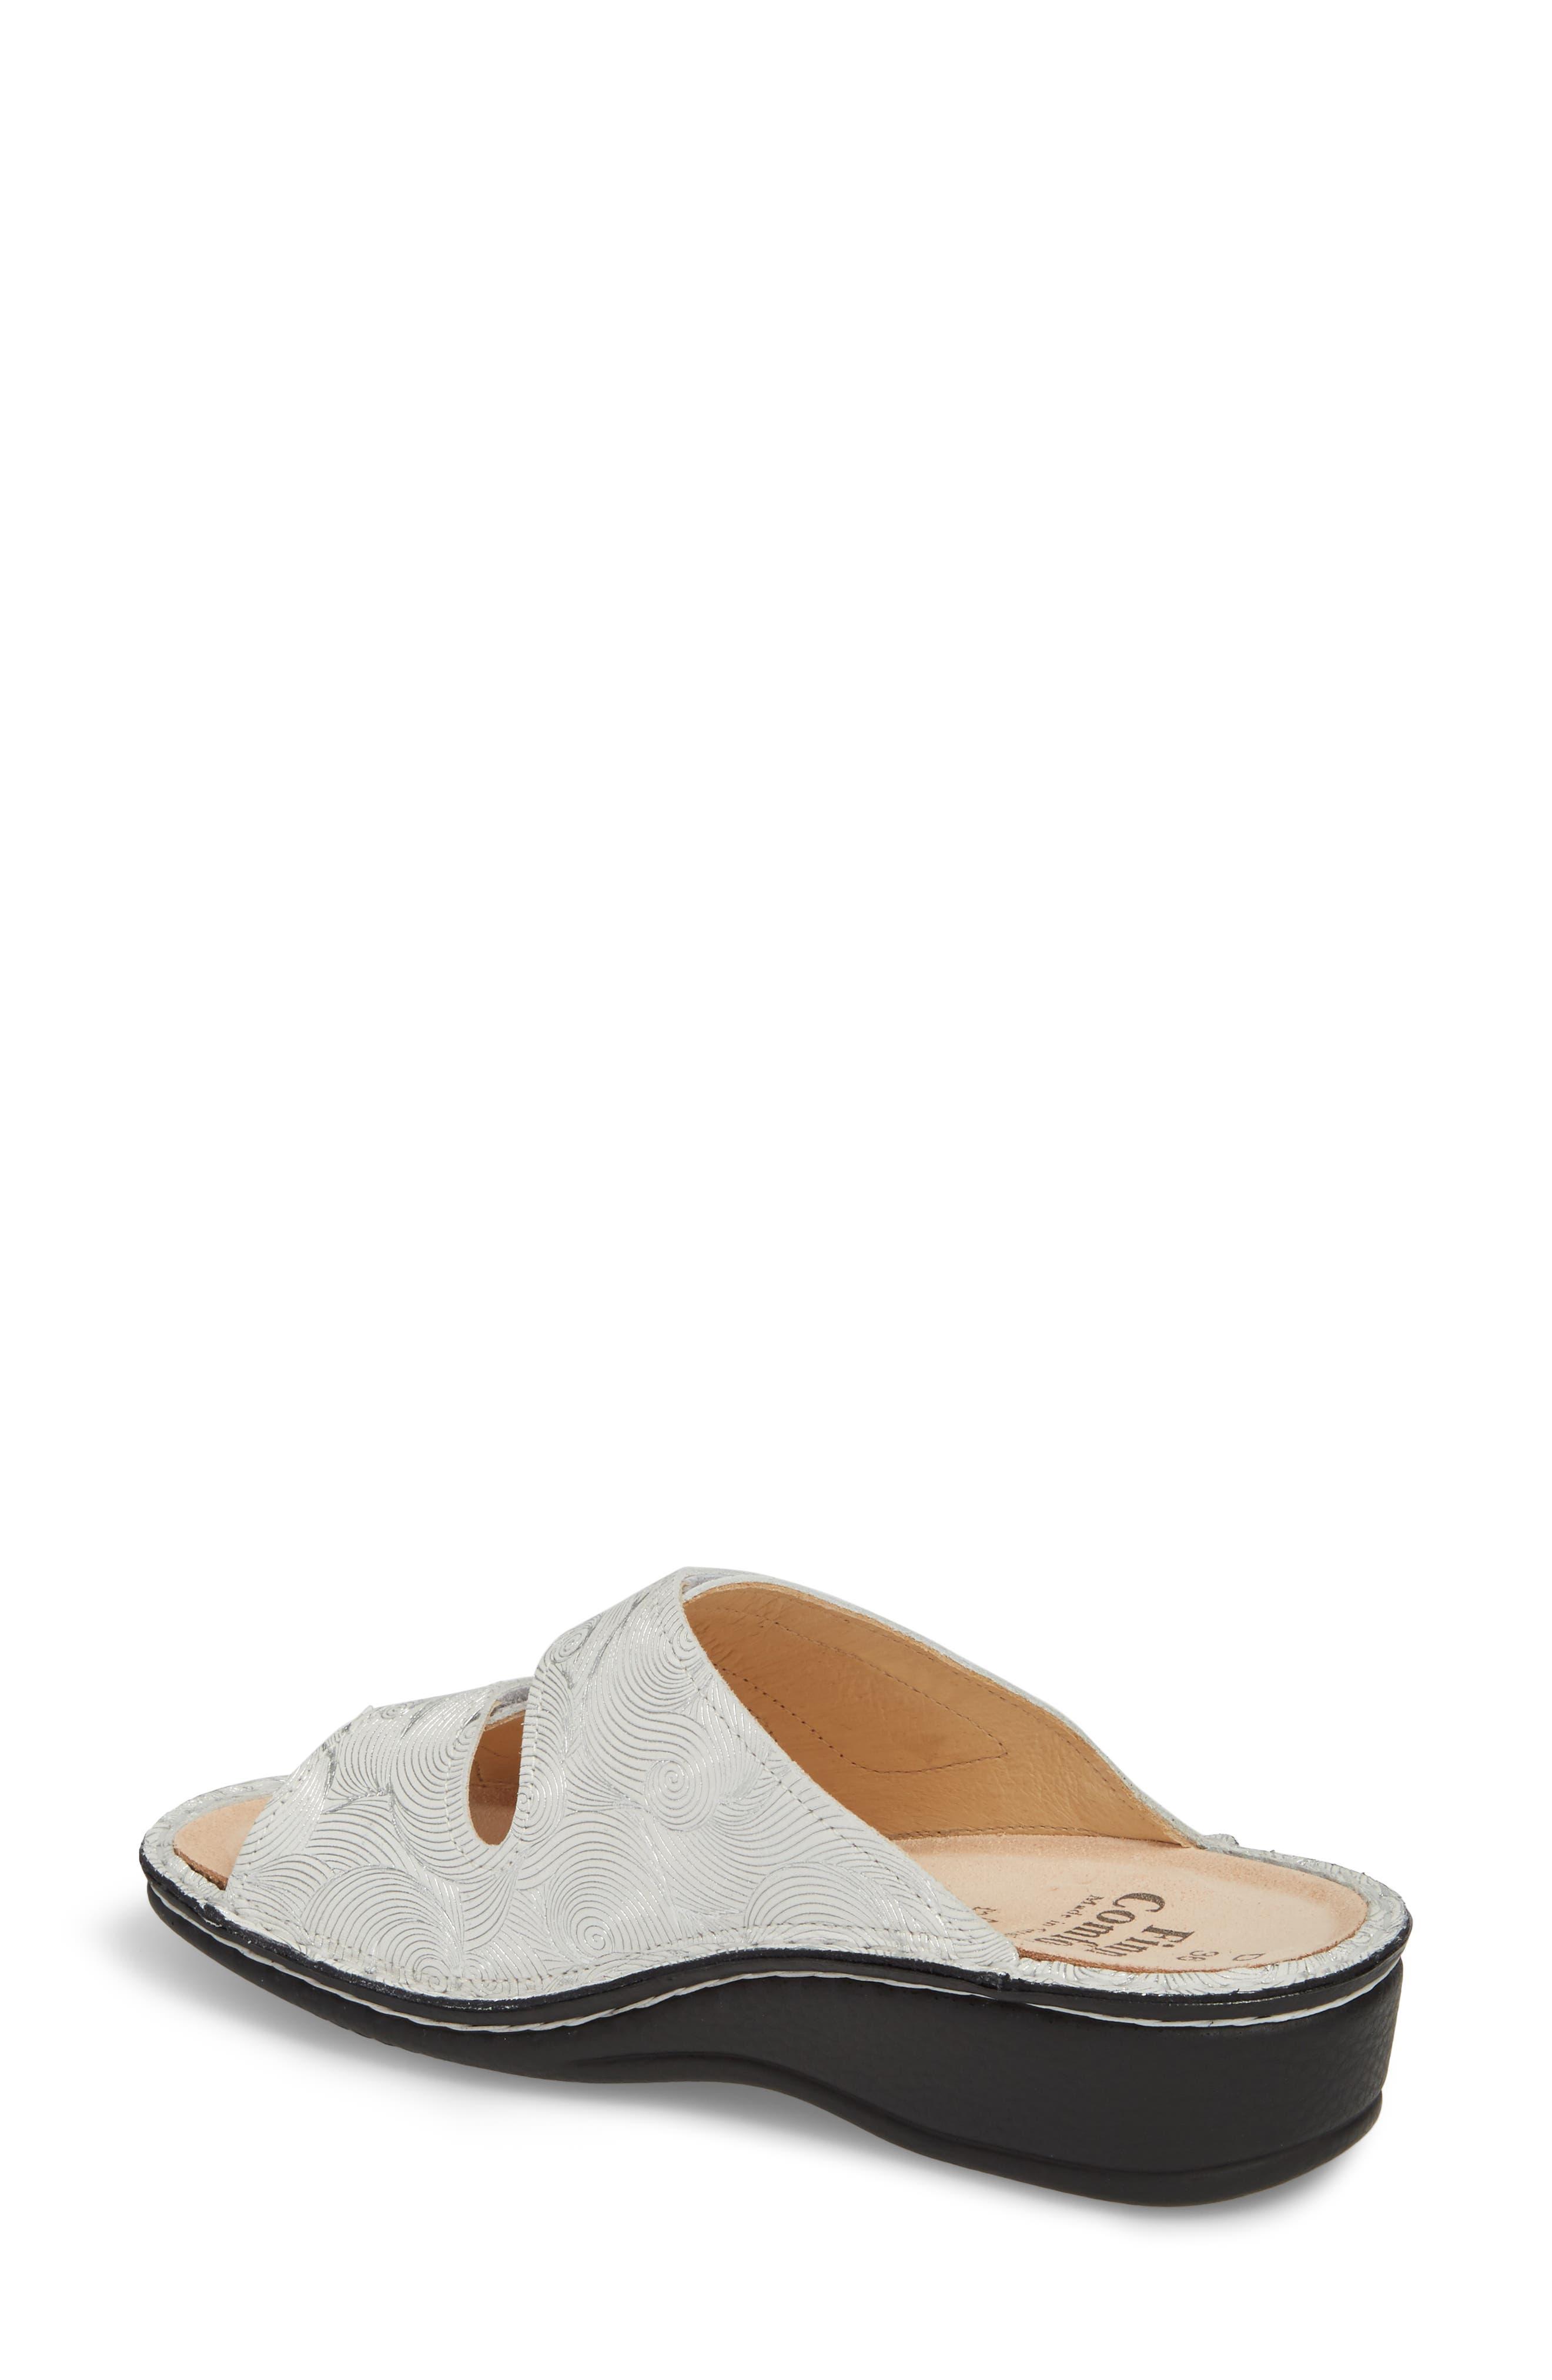 FINN COMFORT,                             'Jamaica' Sandal,                             Alternate thumbnail 2, color,                             100